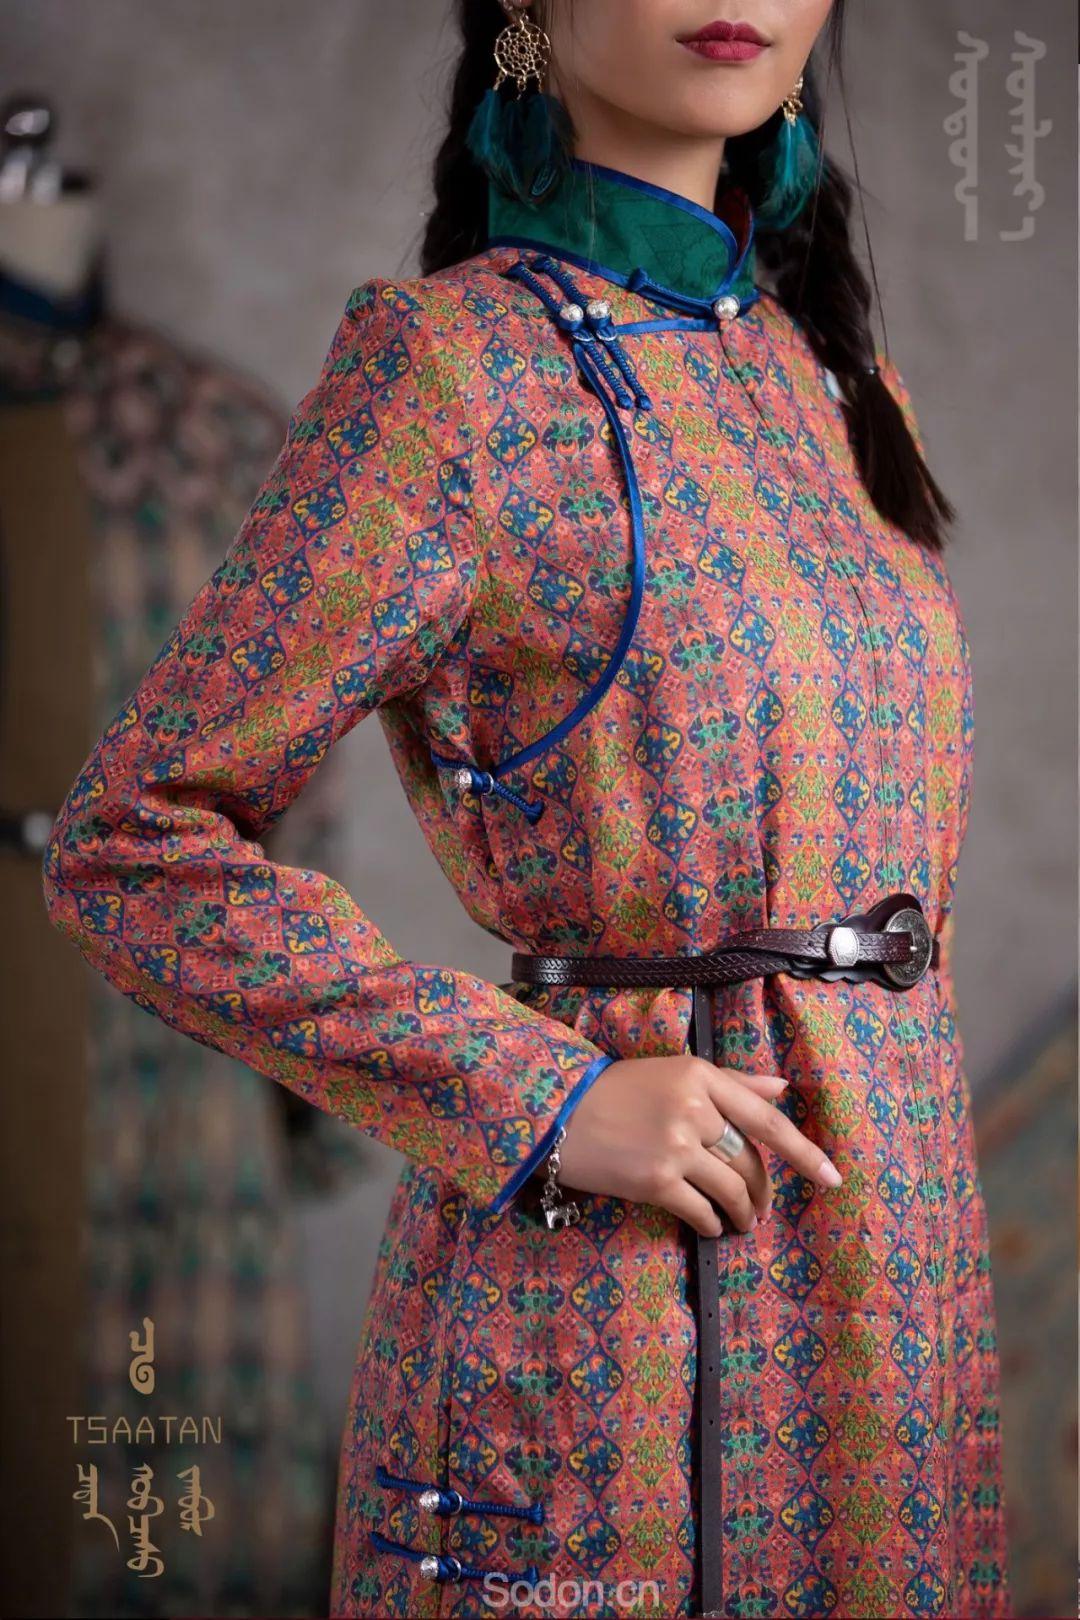 TSAATAN蒙古时装 2019新款,来自驯鹿人的独特魅力! 第30张 TSAATAN蒙古时装 2019新款,来自驯鹿人的独特魅力! 蒙古服饰